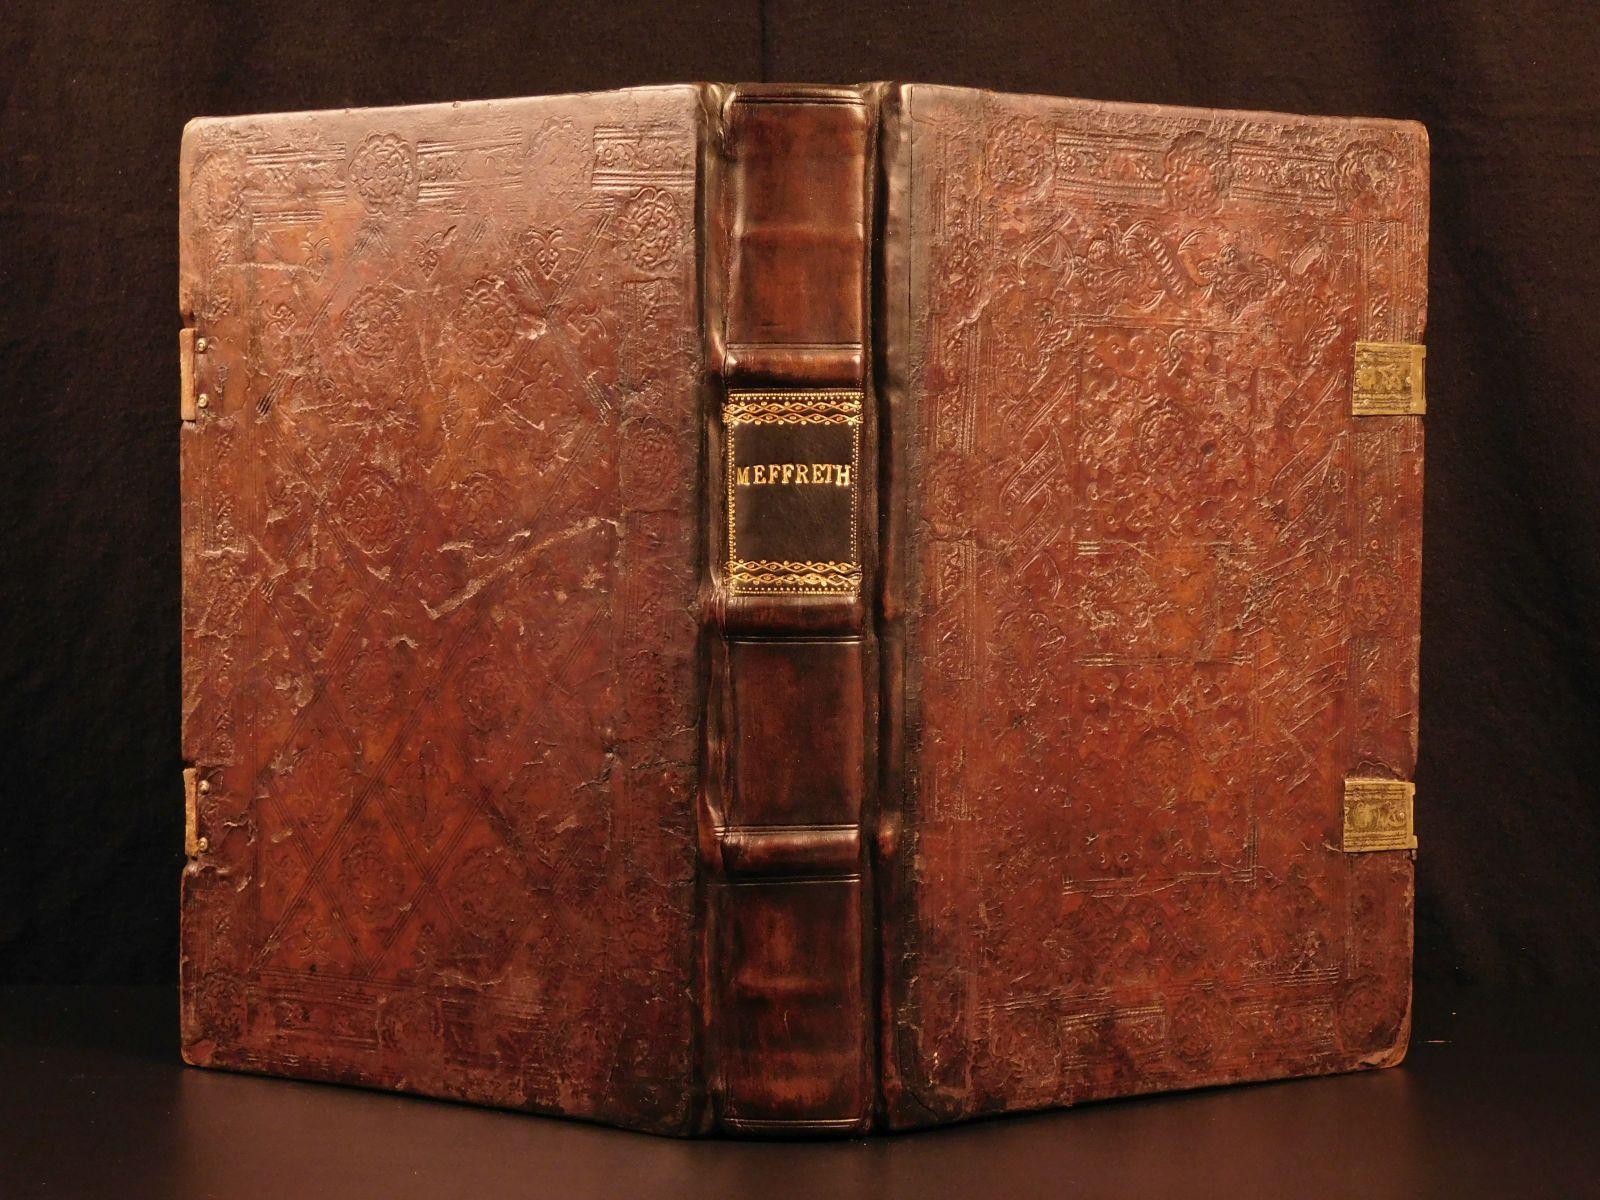 viaLibri ~ Rare Books from 1487 - Page 1